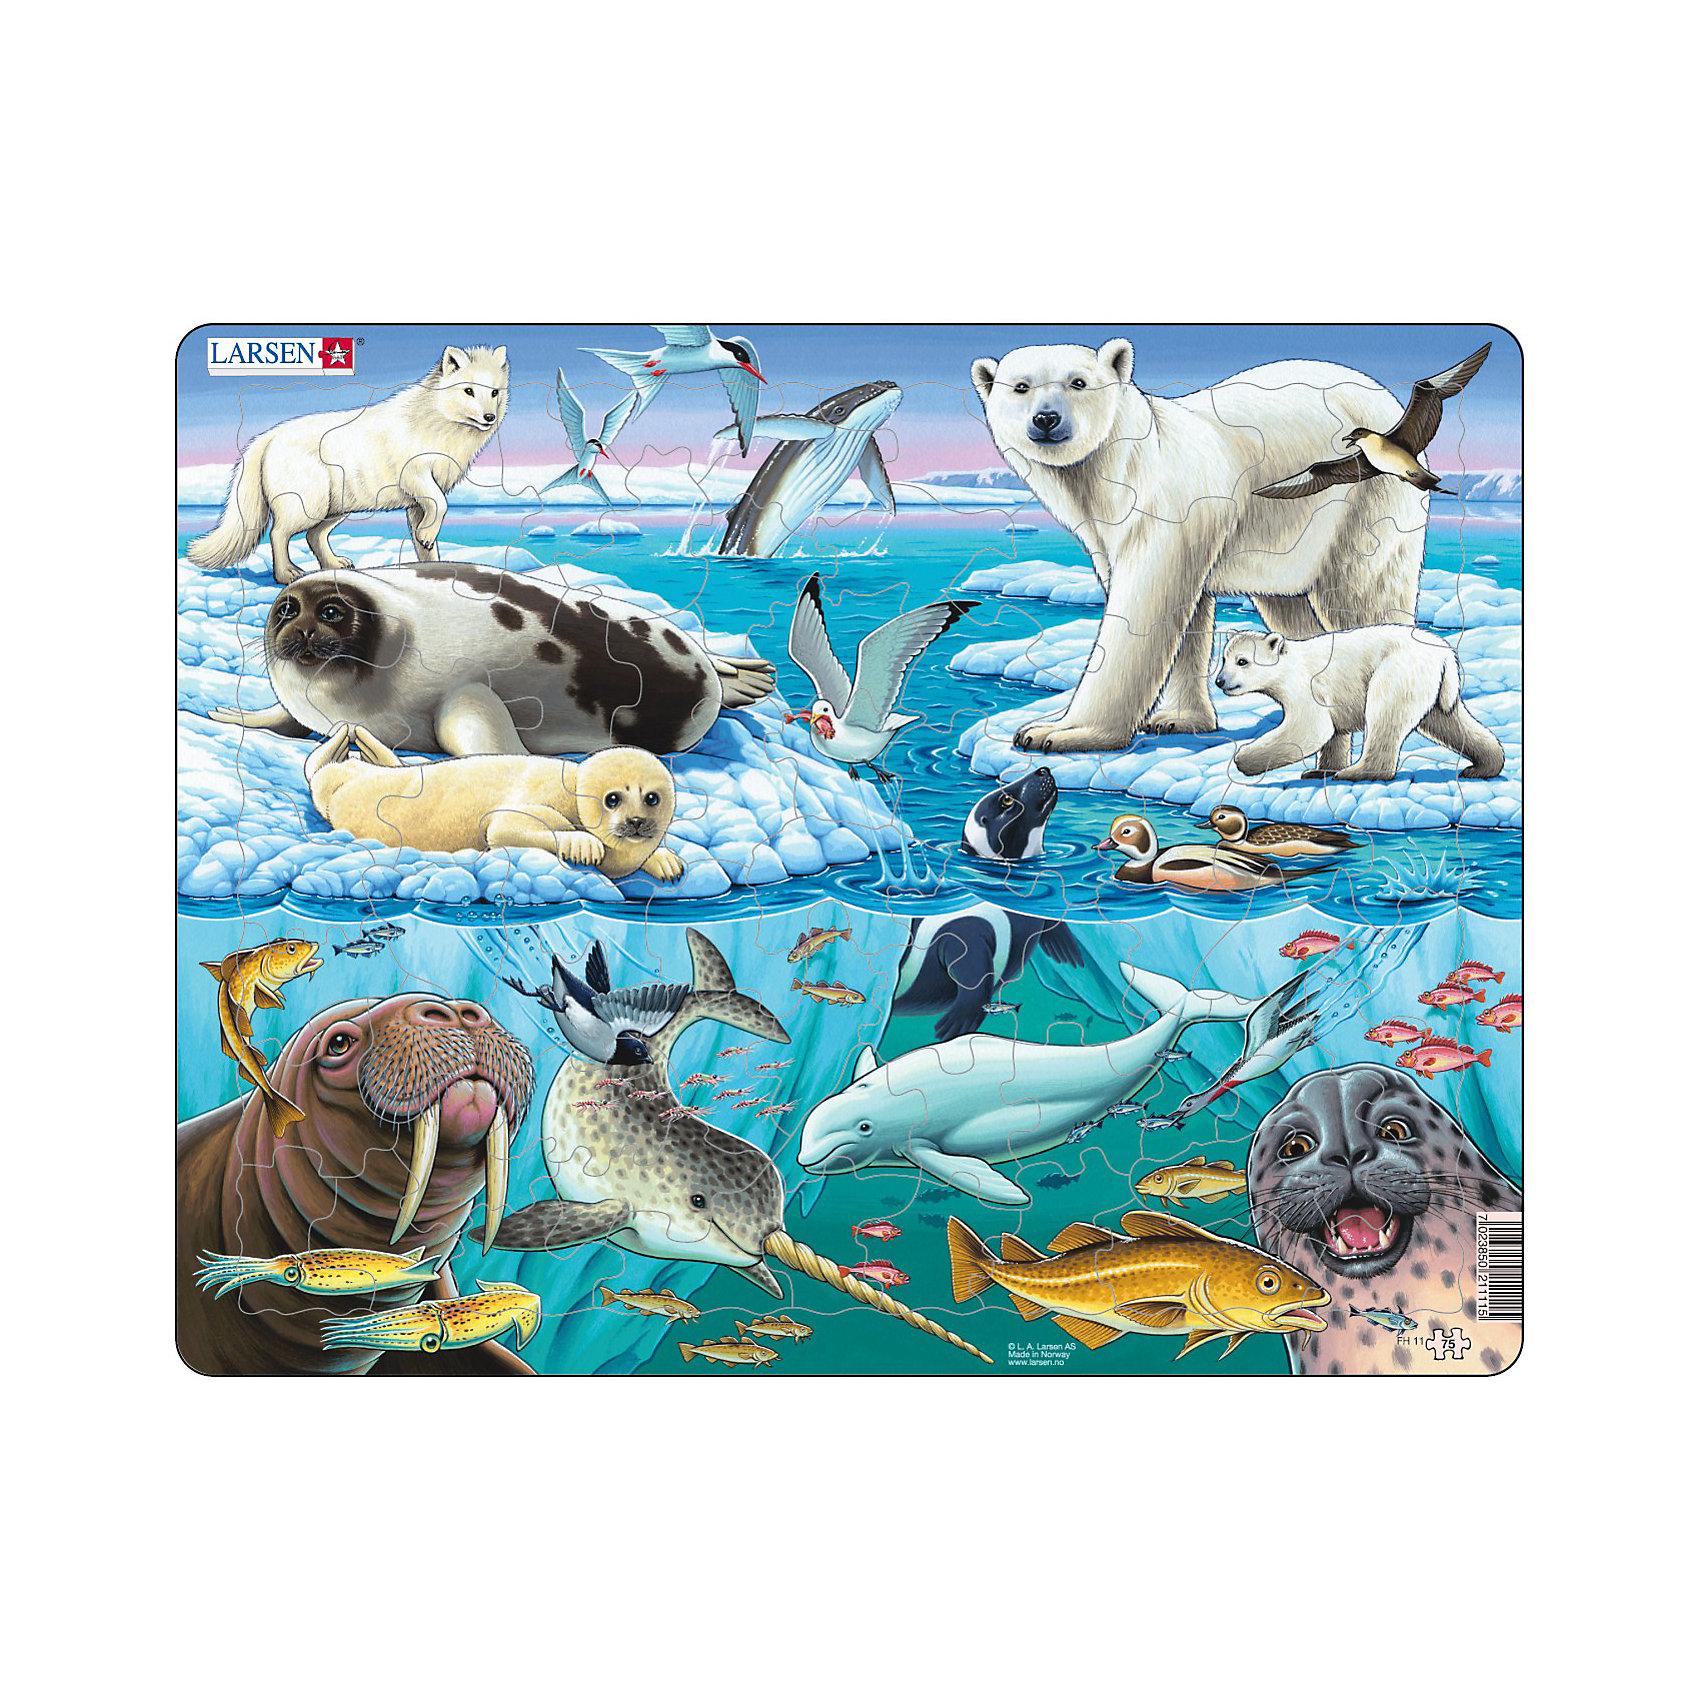 Пазл Арктика, 75 деталей, LarsenПазлы для малышей<br>Пазл Арктика, 75 деталей, Larsen (Ларсен) – это высококачественный обучающий пазл-рамка серии «Флора и Фауна».<br>Пазл-рамка Арктика – это яркий и красивый пазл, состоящий из 75 деталей, на котором с фотографической точностью прорисованы обитатели Арктики. Пазл имеет специальную рамку с подложкой, на которой выдавлены контуры необходимых деталей, что облегчит процесс сборки. Детали пазла изготовлены из высококачественного плотного трехслойного картона. Они не деформируются, хорошо сцепляются друг с другом, не расслаиваются. Рисунок не стирается. Занятия по сборке пазла развивают образное и логическое мышление, пространственное воображение, память, внимание, усидчивость, координацию движений и мелкую моторику.<br><br>Дополнительная информация:<br><br>- Количество деталей: 75<br>- Размер собранной картинки: 36,5х28,5 см.<br>- Материал: плотный трехслойный картон<br>- Размер упаковки: 36,5х0,5х28,5 см.<br><br>Пазл Арктика, 75 деталей, Larsen (Ларсен) можно купить в нашем интернет-магазине.<br><br>Ширина мм: 365<br>Глубина мм: 289<br>Высота мм: 10<br>Вес г: 320<br>Возраст от месяцев: 60<br>Возраст до месяцев: 84<br>Пол: Унисекс<br>Возраст: Детский<br>Количество деталей: 75<br>SKU: 3206503